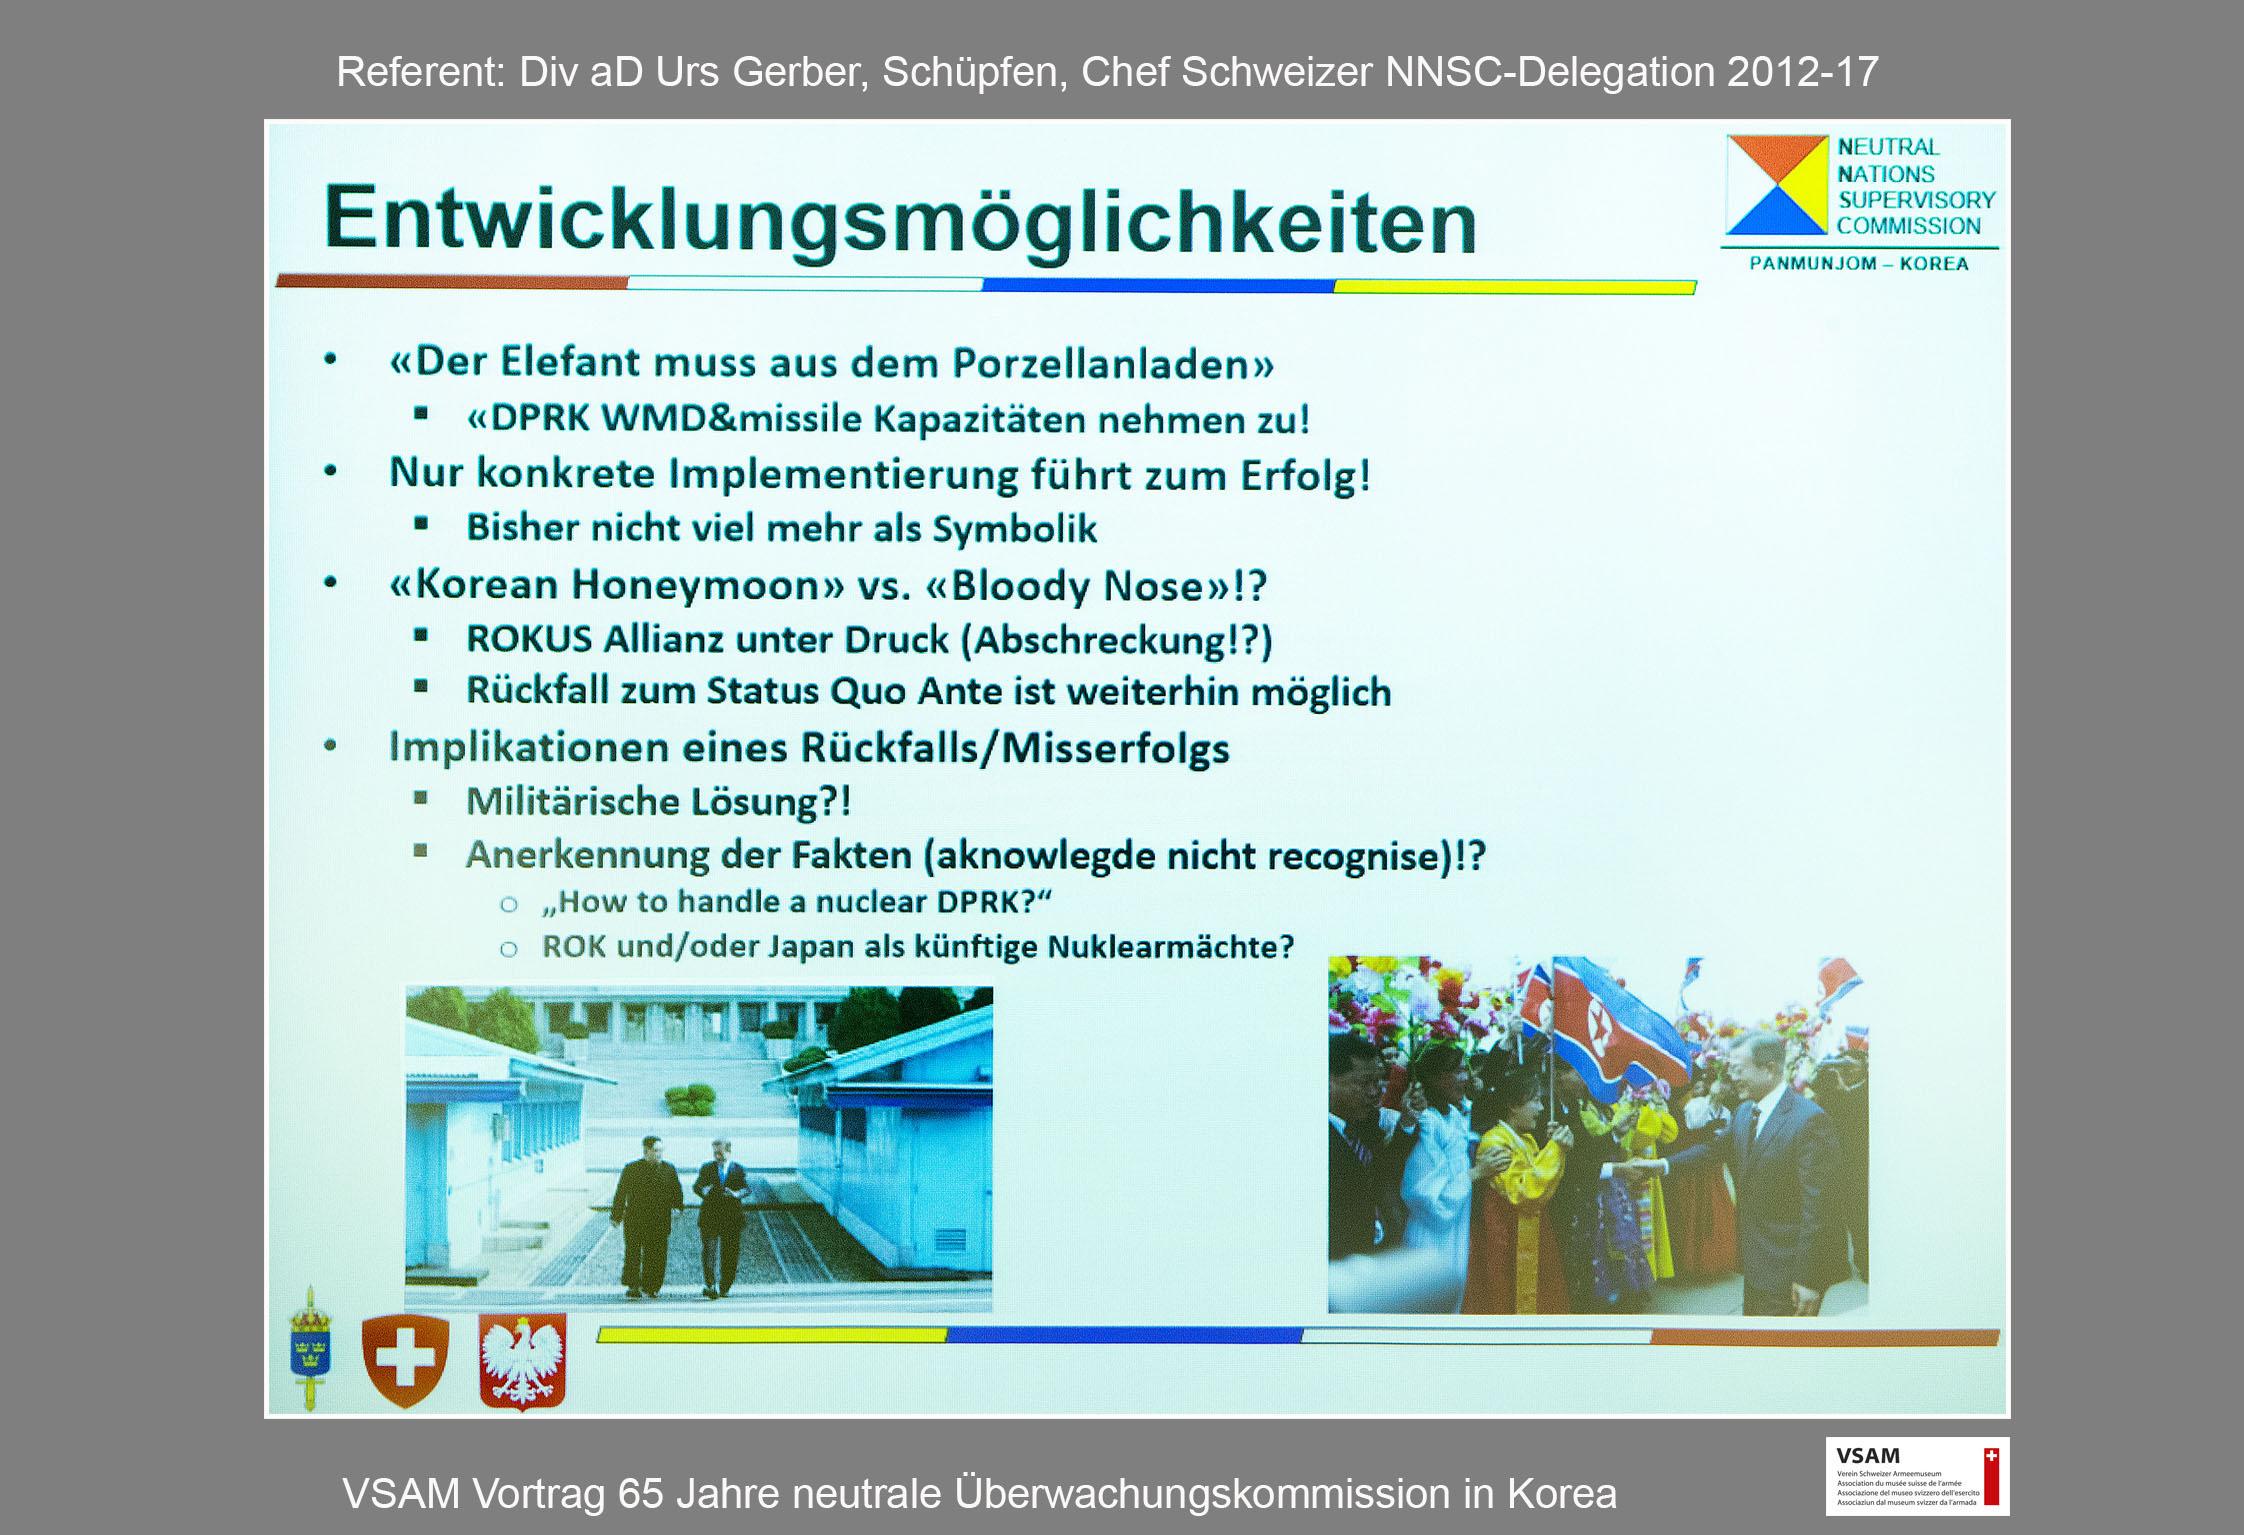 65 Jahre neutrale Überwachungskommission in Korea